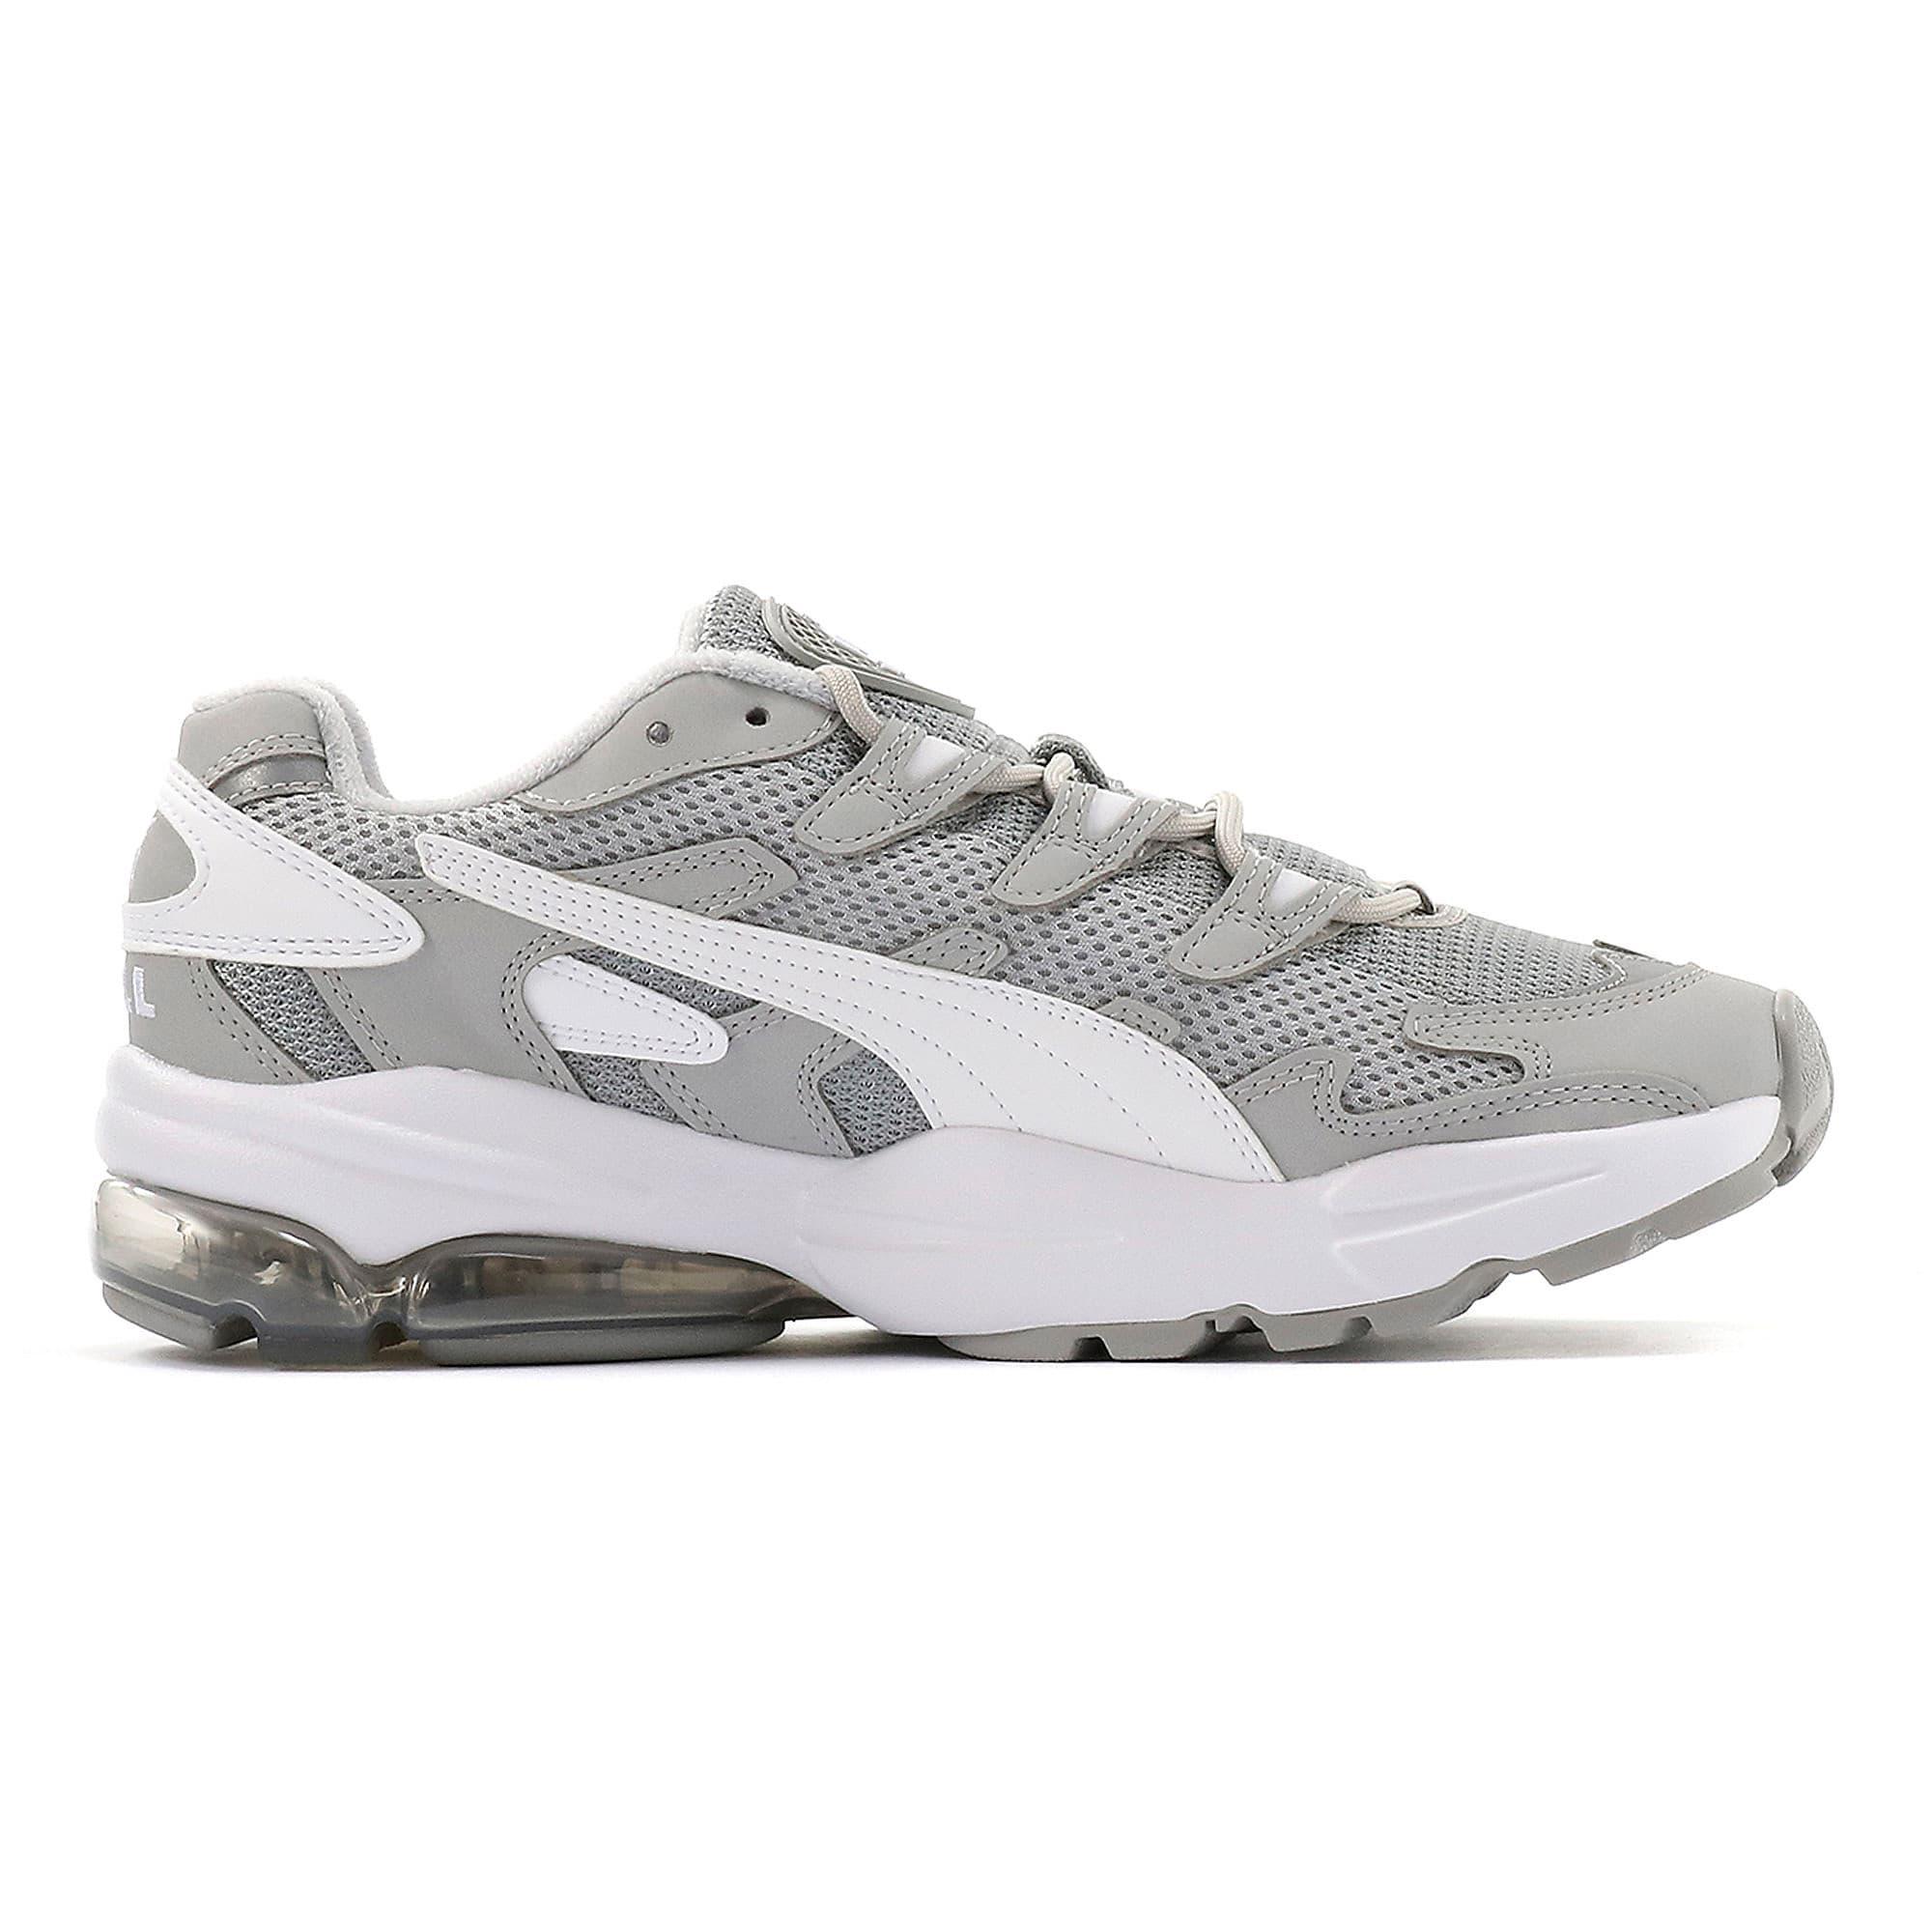 Thumbnail 4 of CELL Alien OG Sneakers, High Rise-Puma White, medium